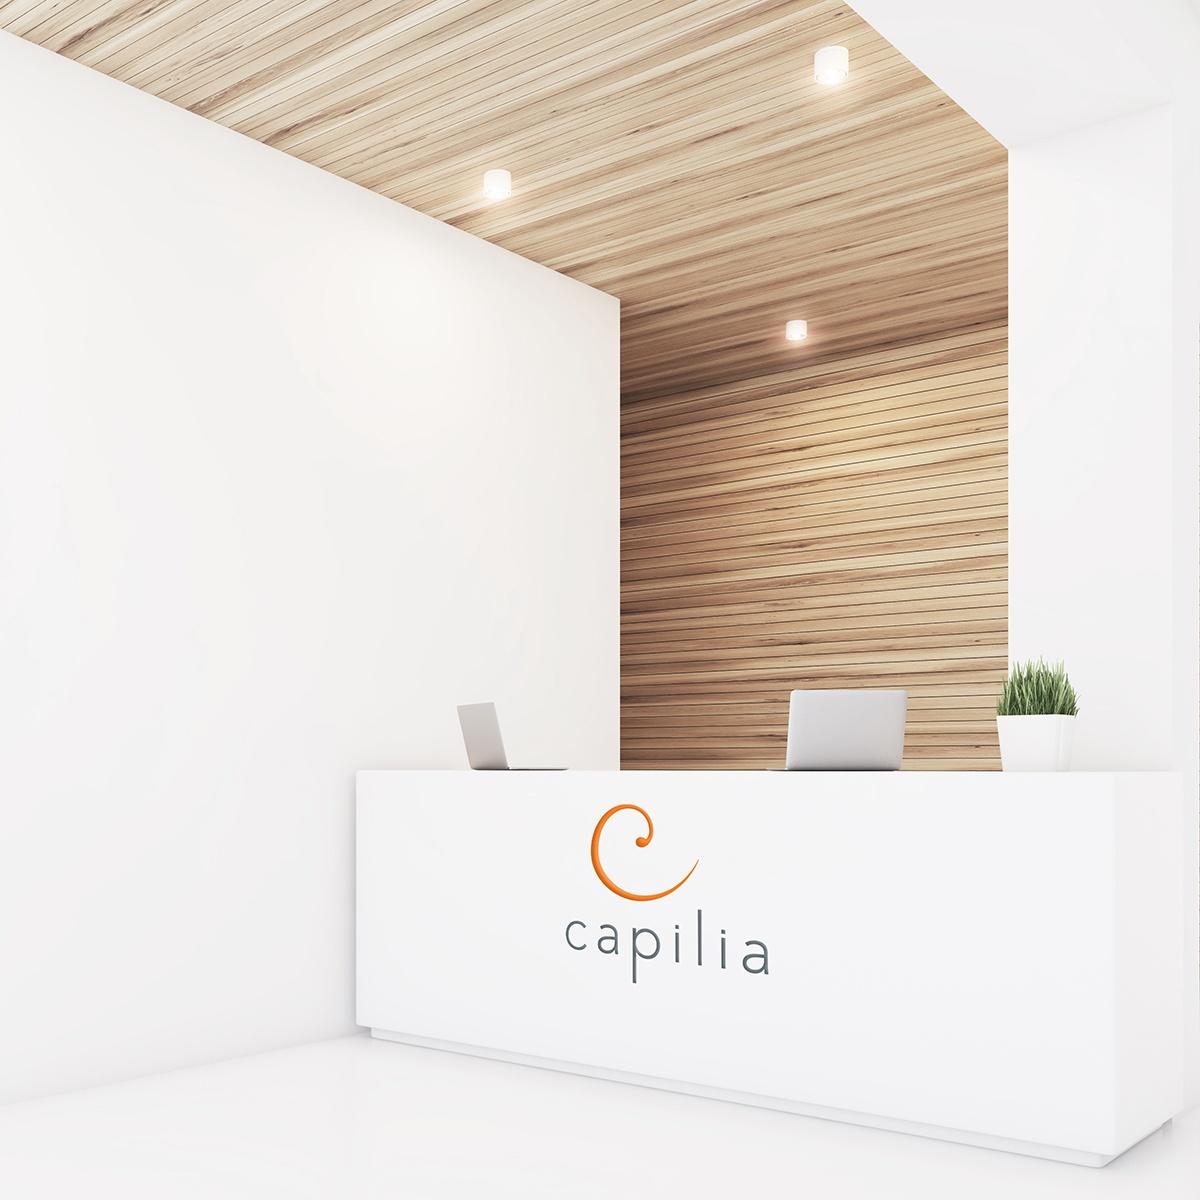 Centre Capilia par défaut | Capilia center as default